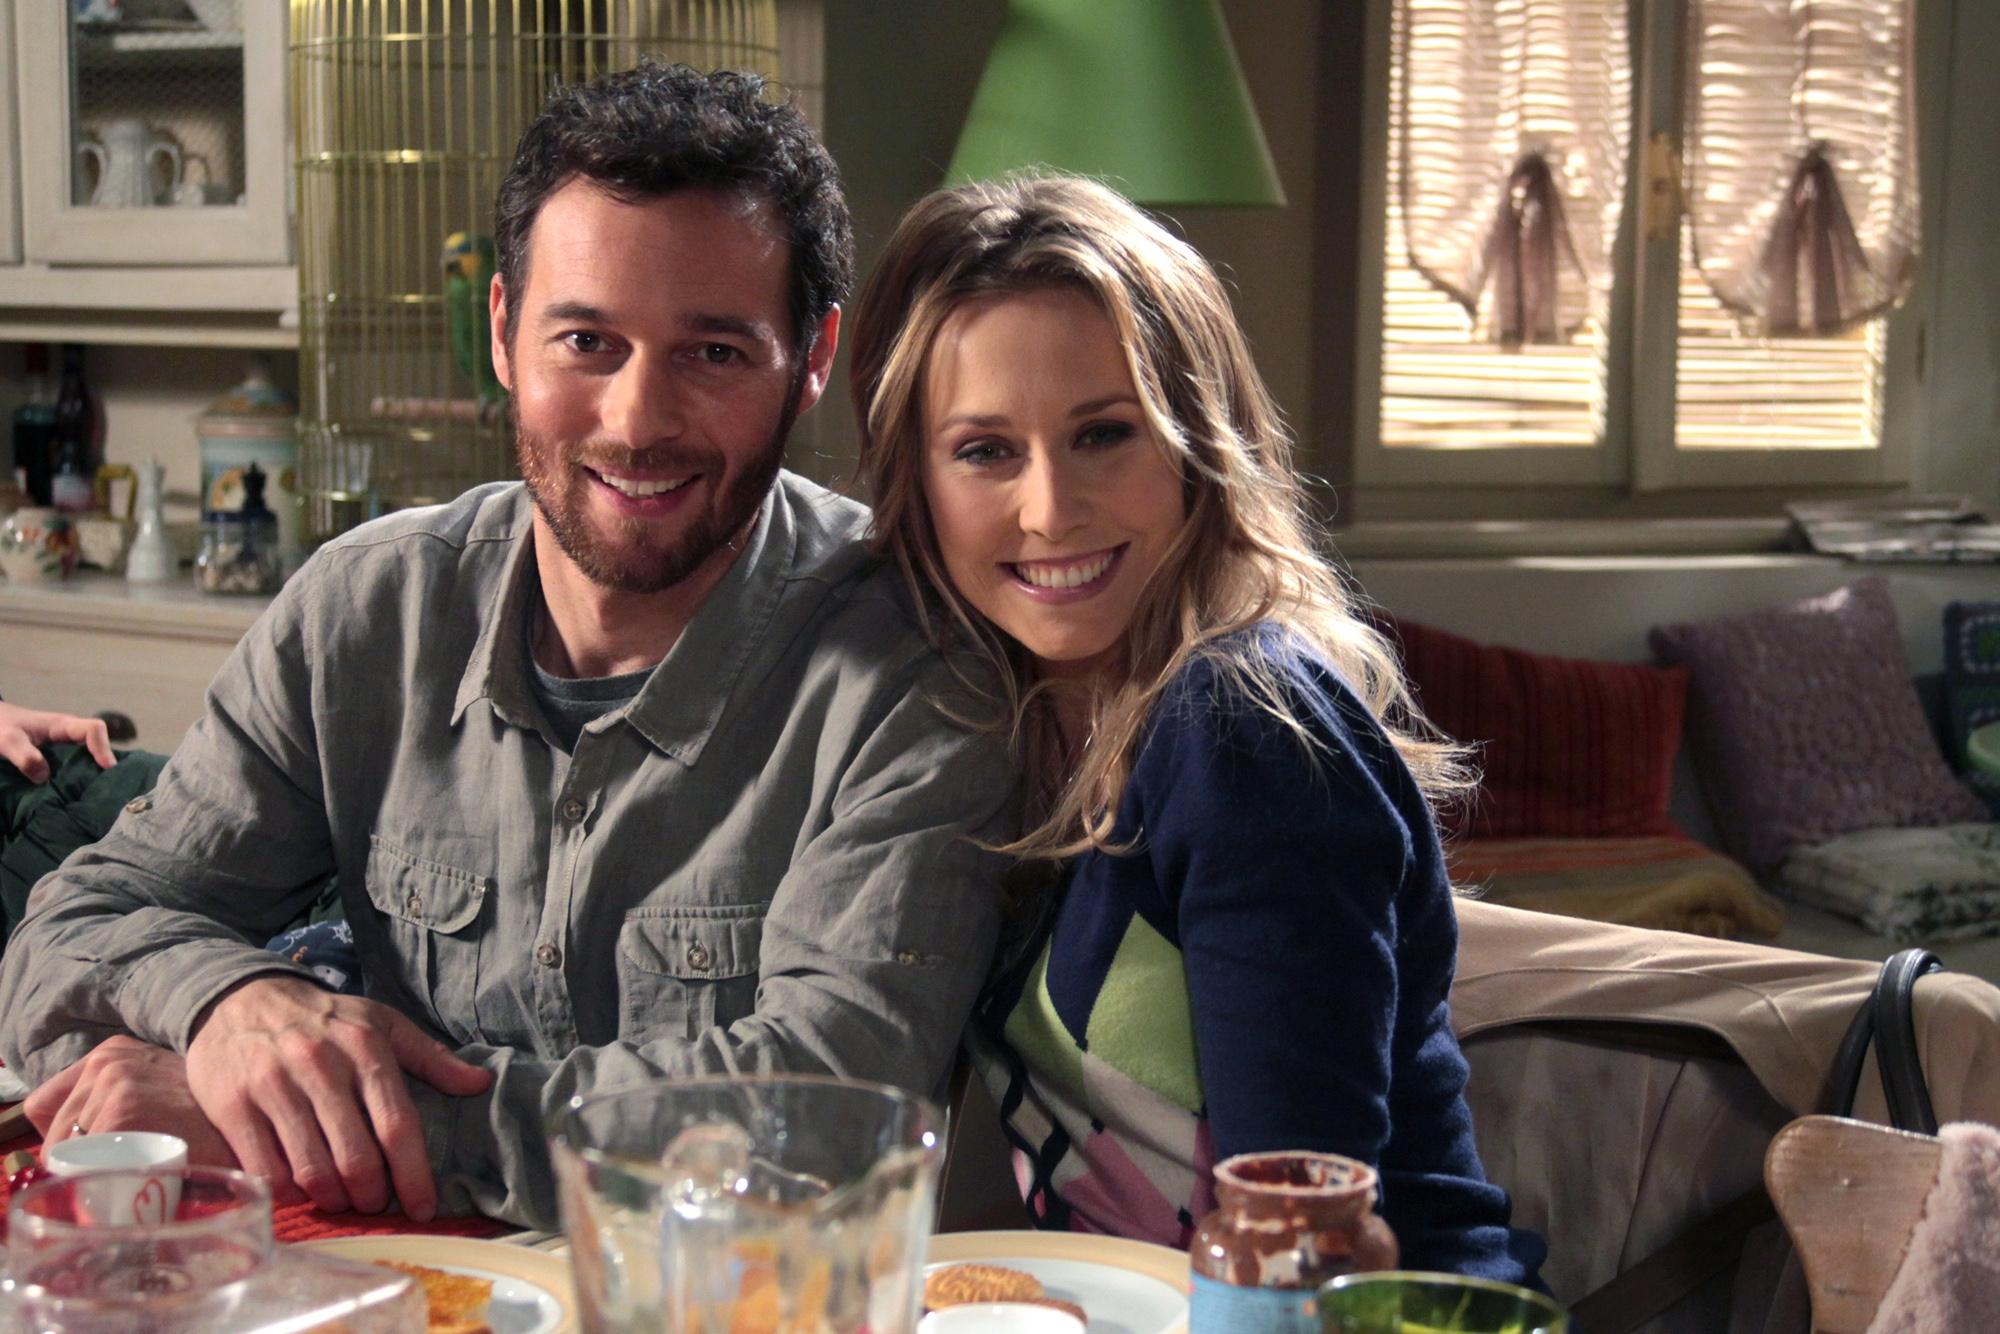 Un medico in famiglia 9: Margot Sikabonyi, Giorgio Marchesi nell'episodio dodici